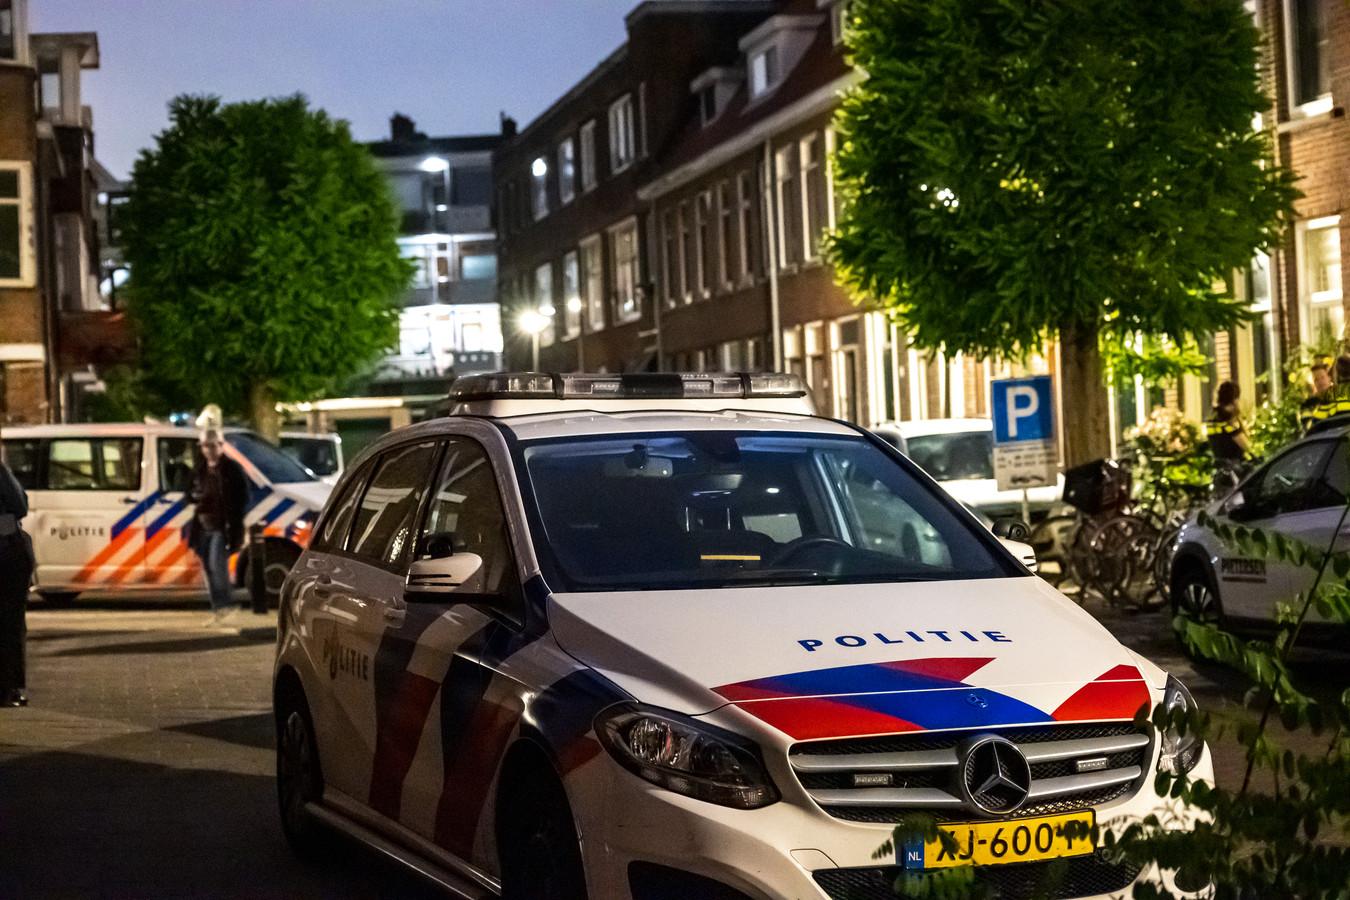 De woning in Schiedam is donderdagavond met geweld overvallen.